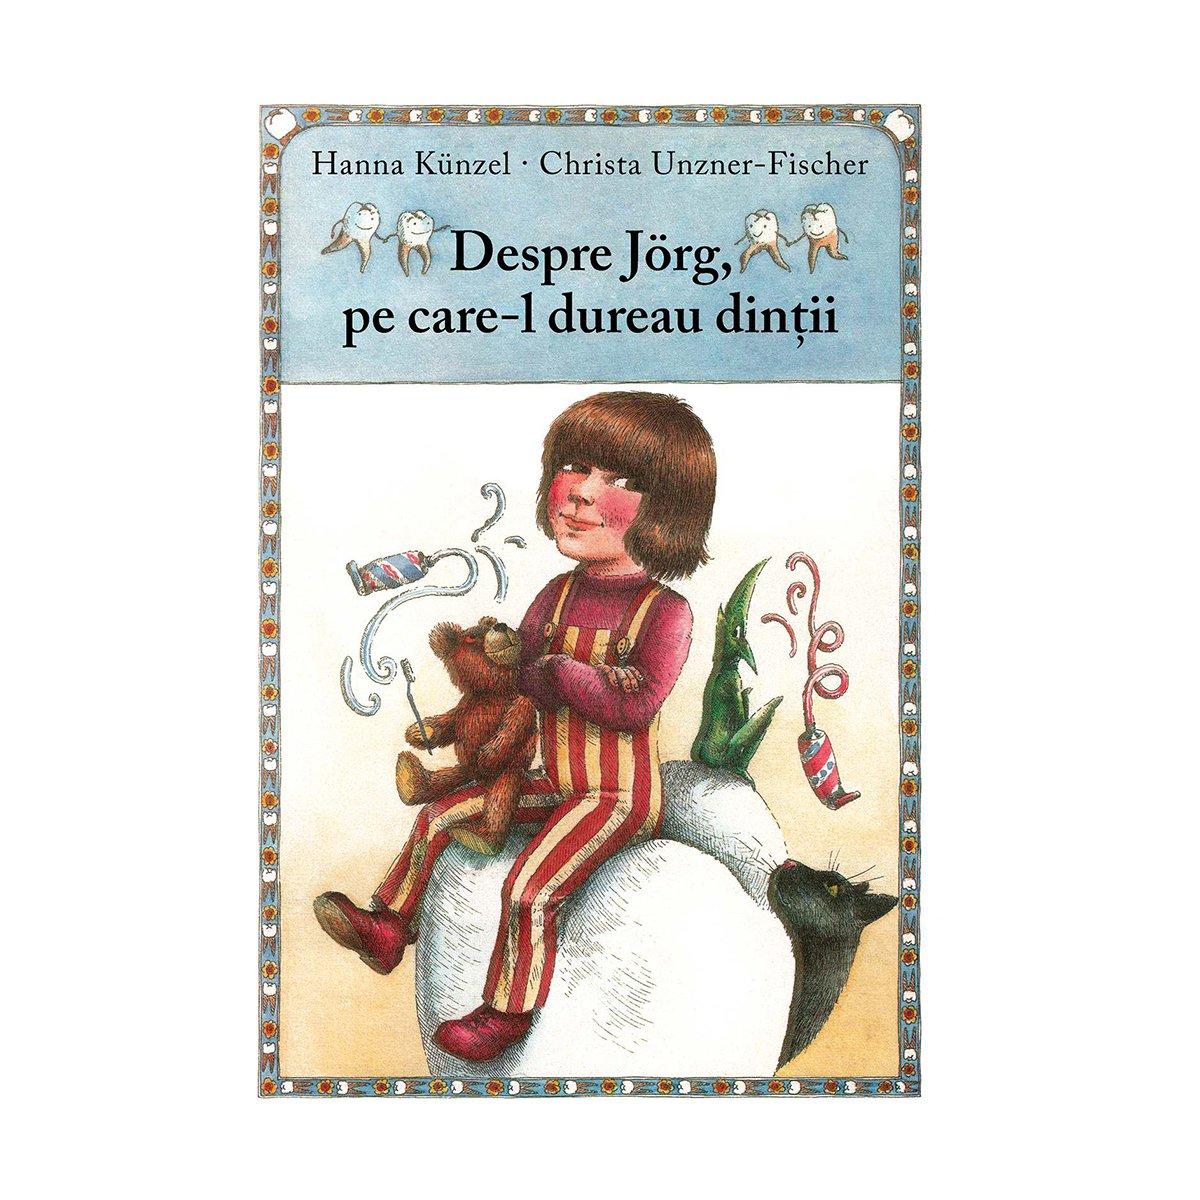 Carte Editura Arthur, Despre Jorg, pe care-l dureau dintii, Hanna Kunzel